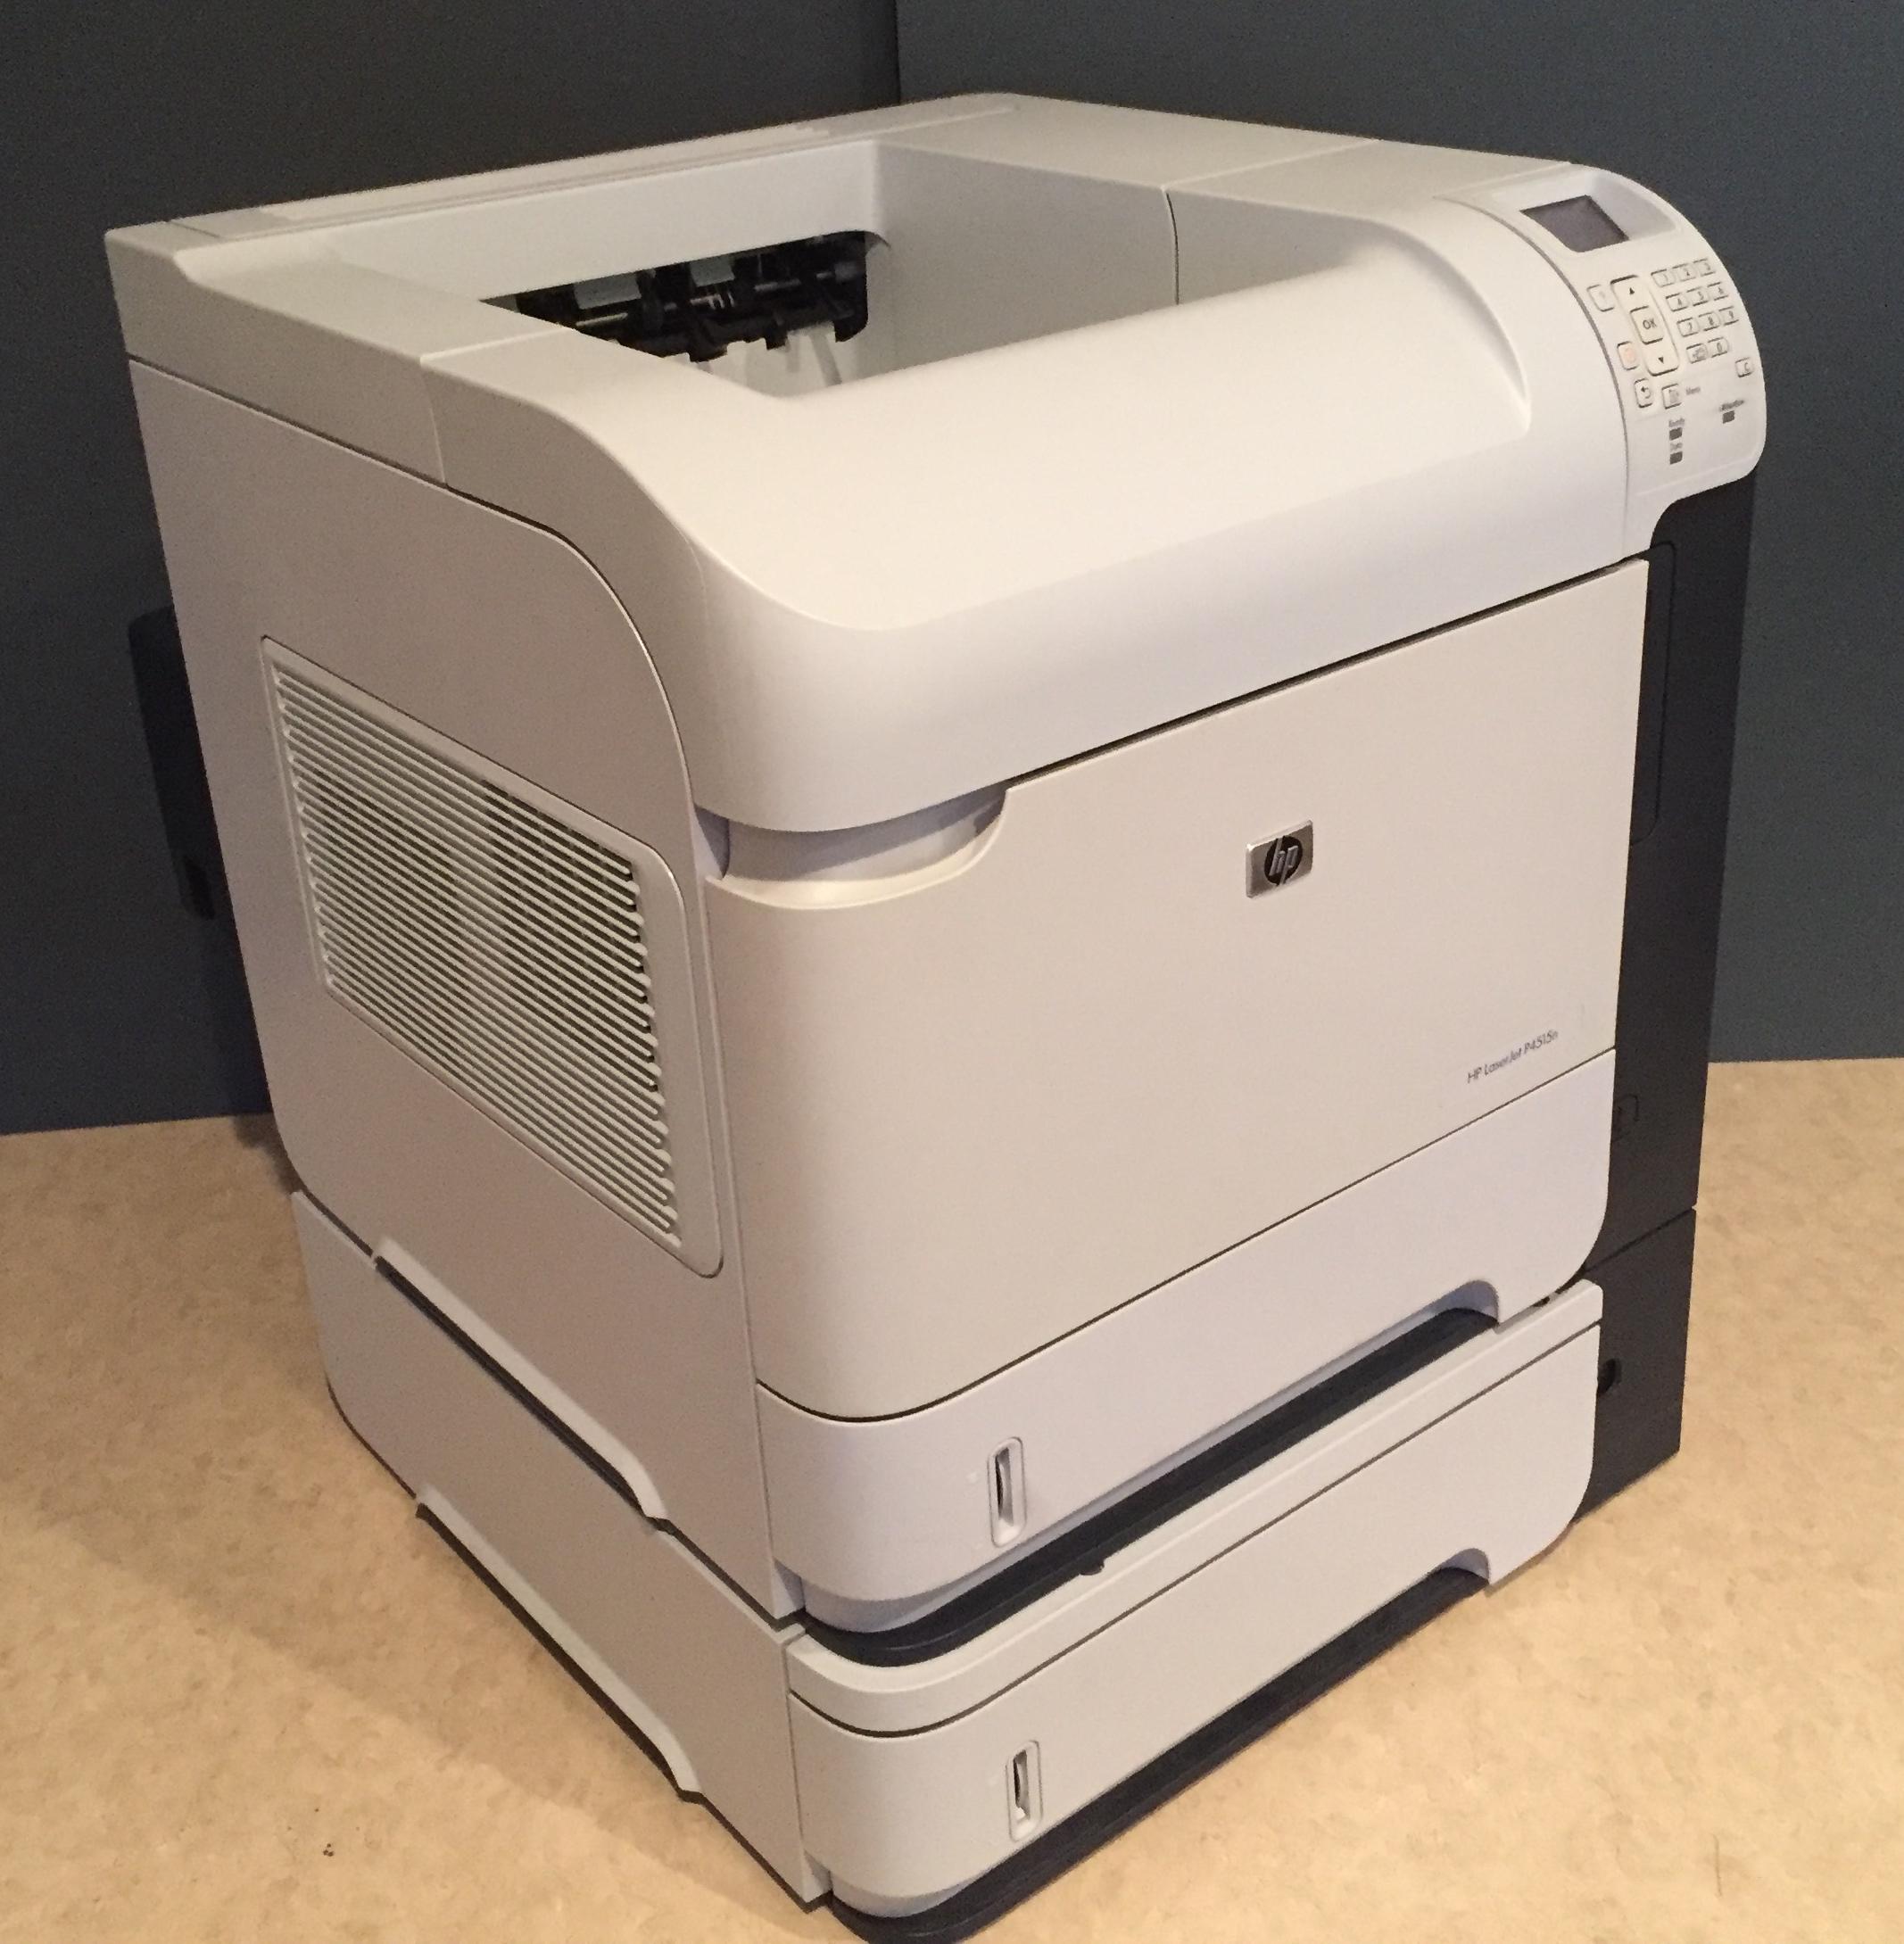 Hewlett Packard P4515dn